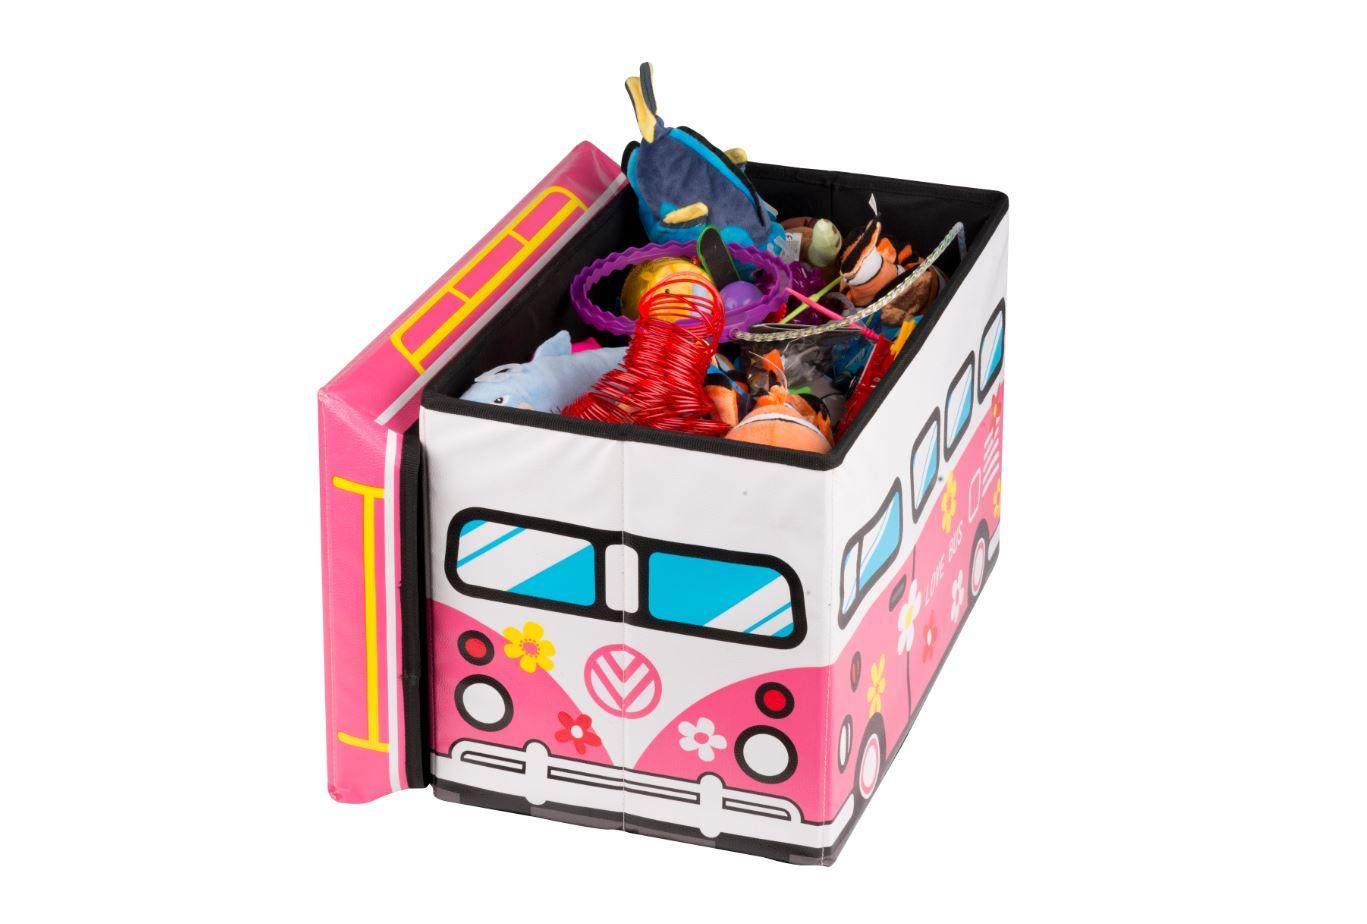 Aufbewahrungsbox Lovebus Bus 49 x 31 x 31cm Kunstleder Hocker